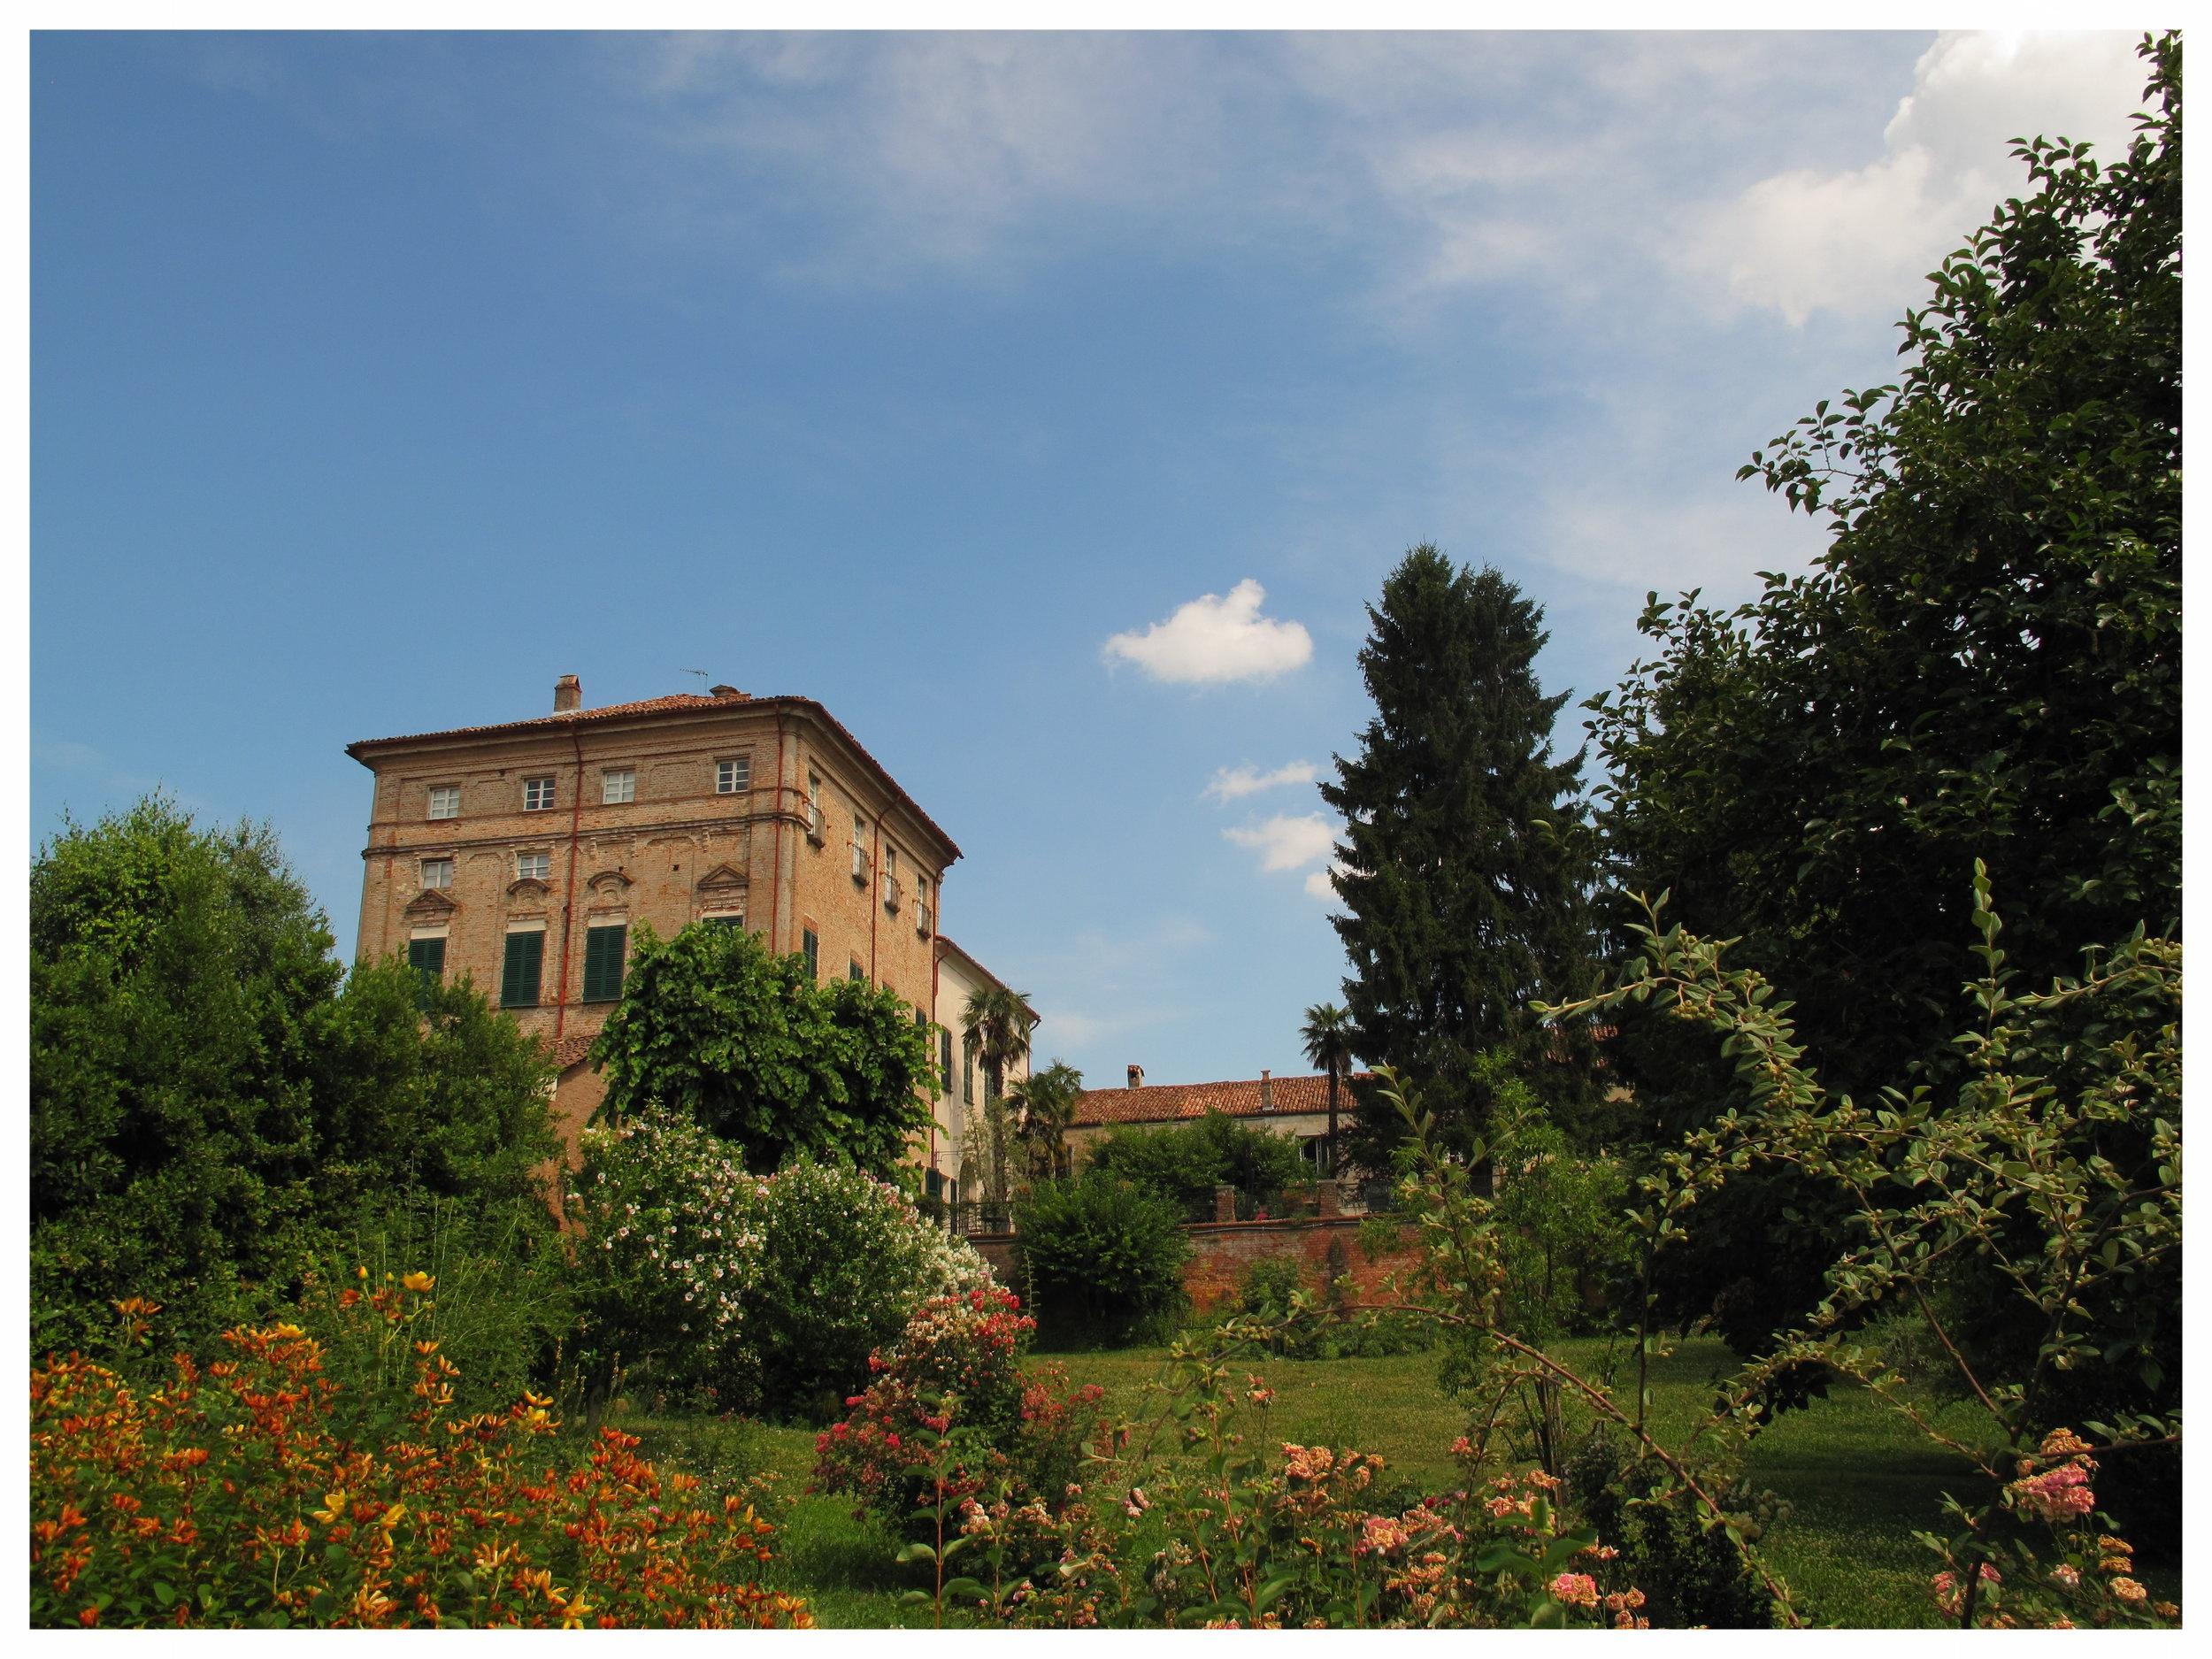 castello_di_verduno_esterno.JPG